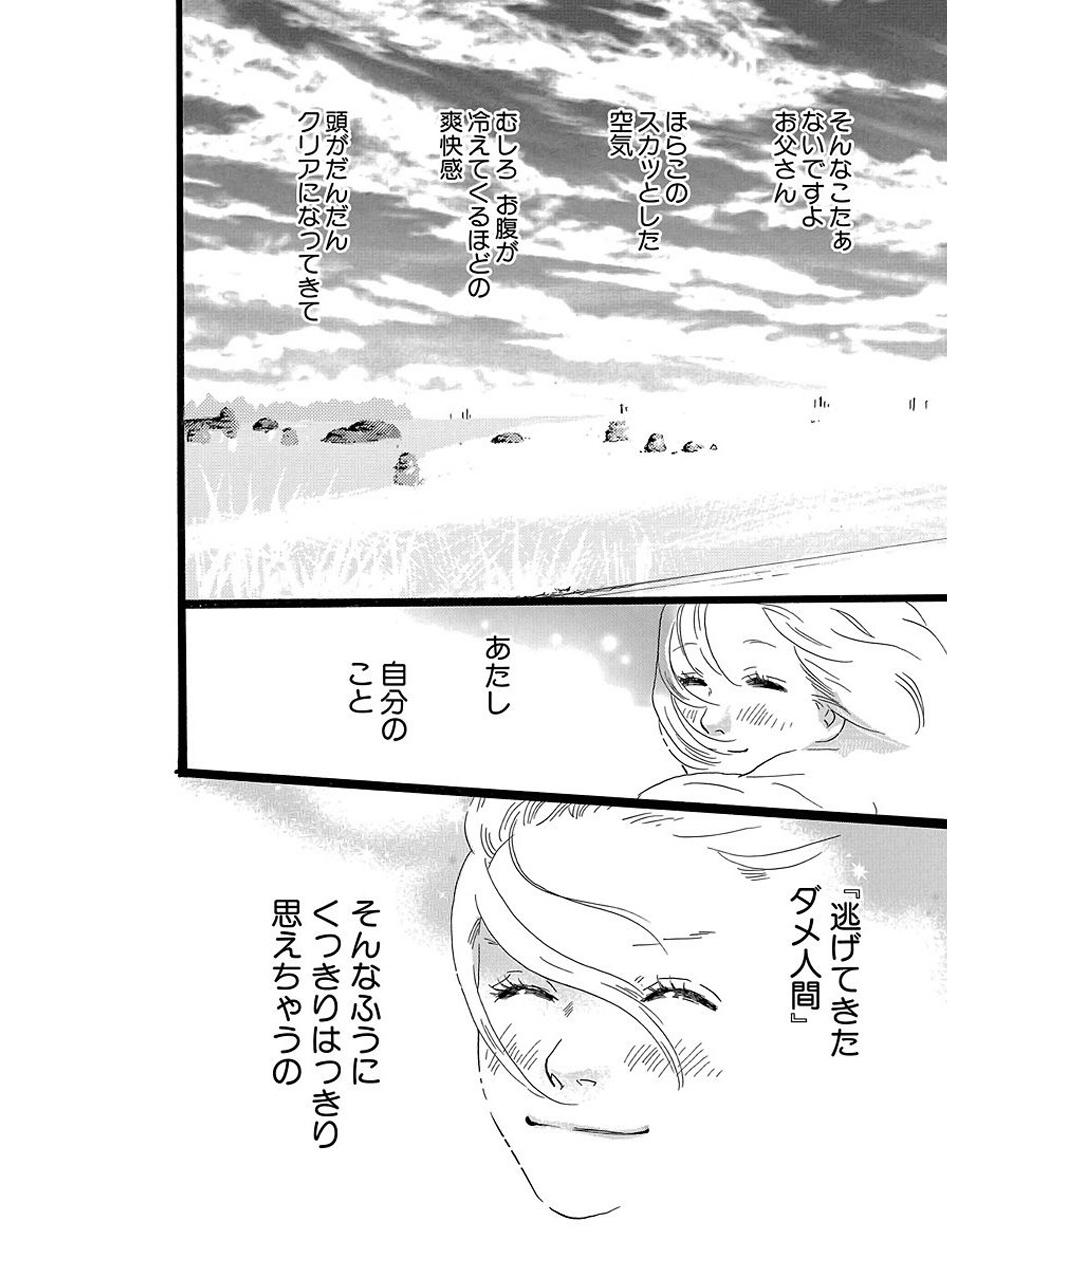 プリンシパル 第1話 試し読み_1_1-10